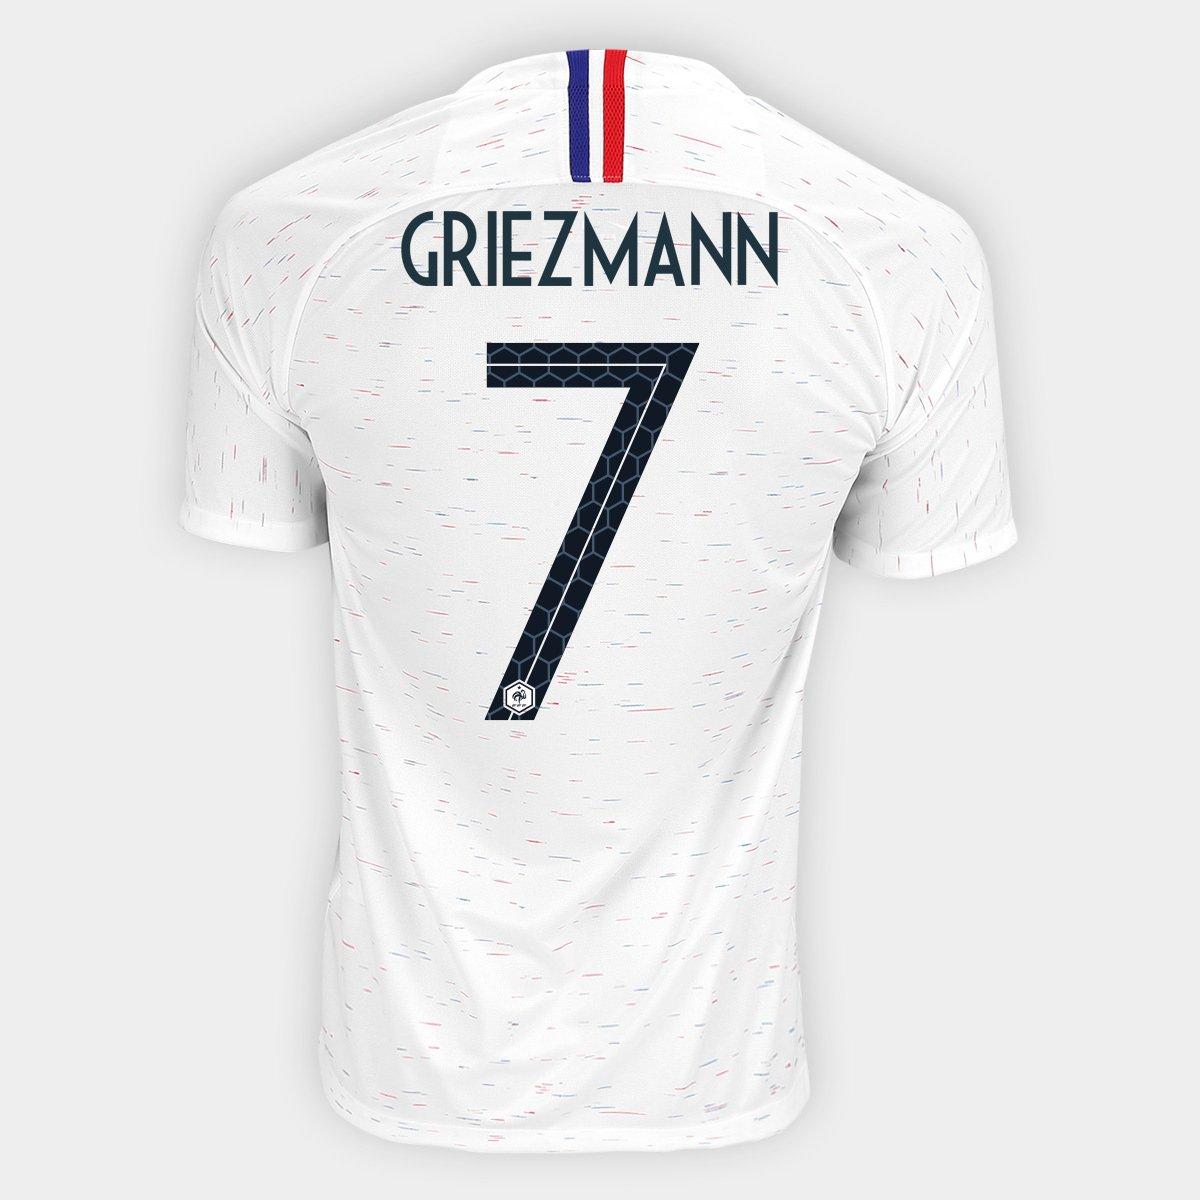 9a2d0ffcddfc6 Camisa Seleção França Away 2018 n° 7 Griezmann - Torcedor Nike Masculina - Compre  Agora